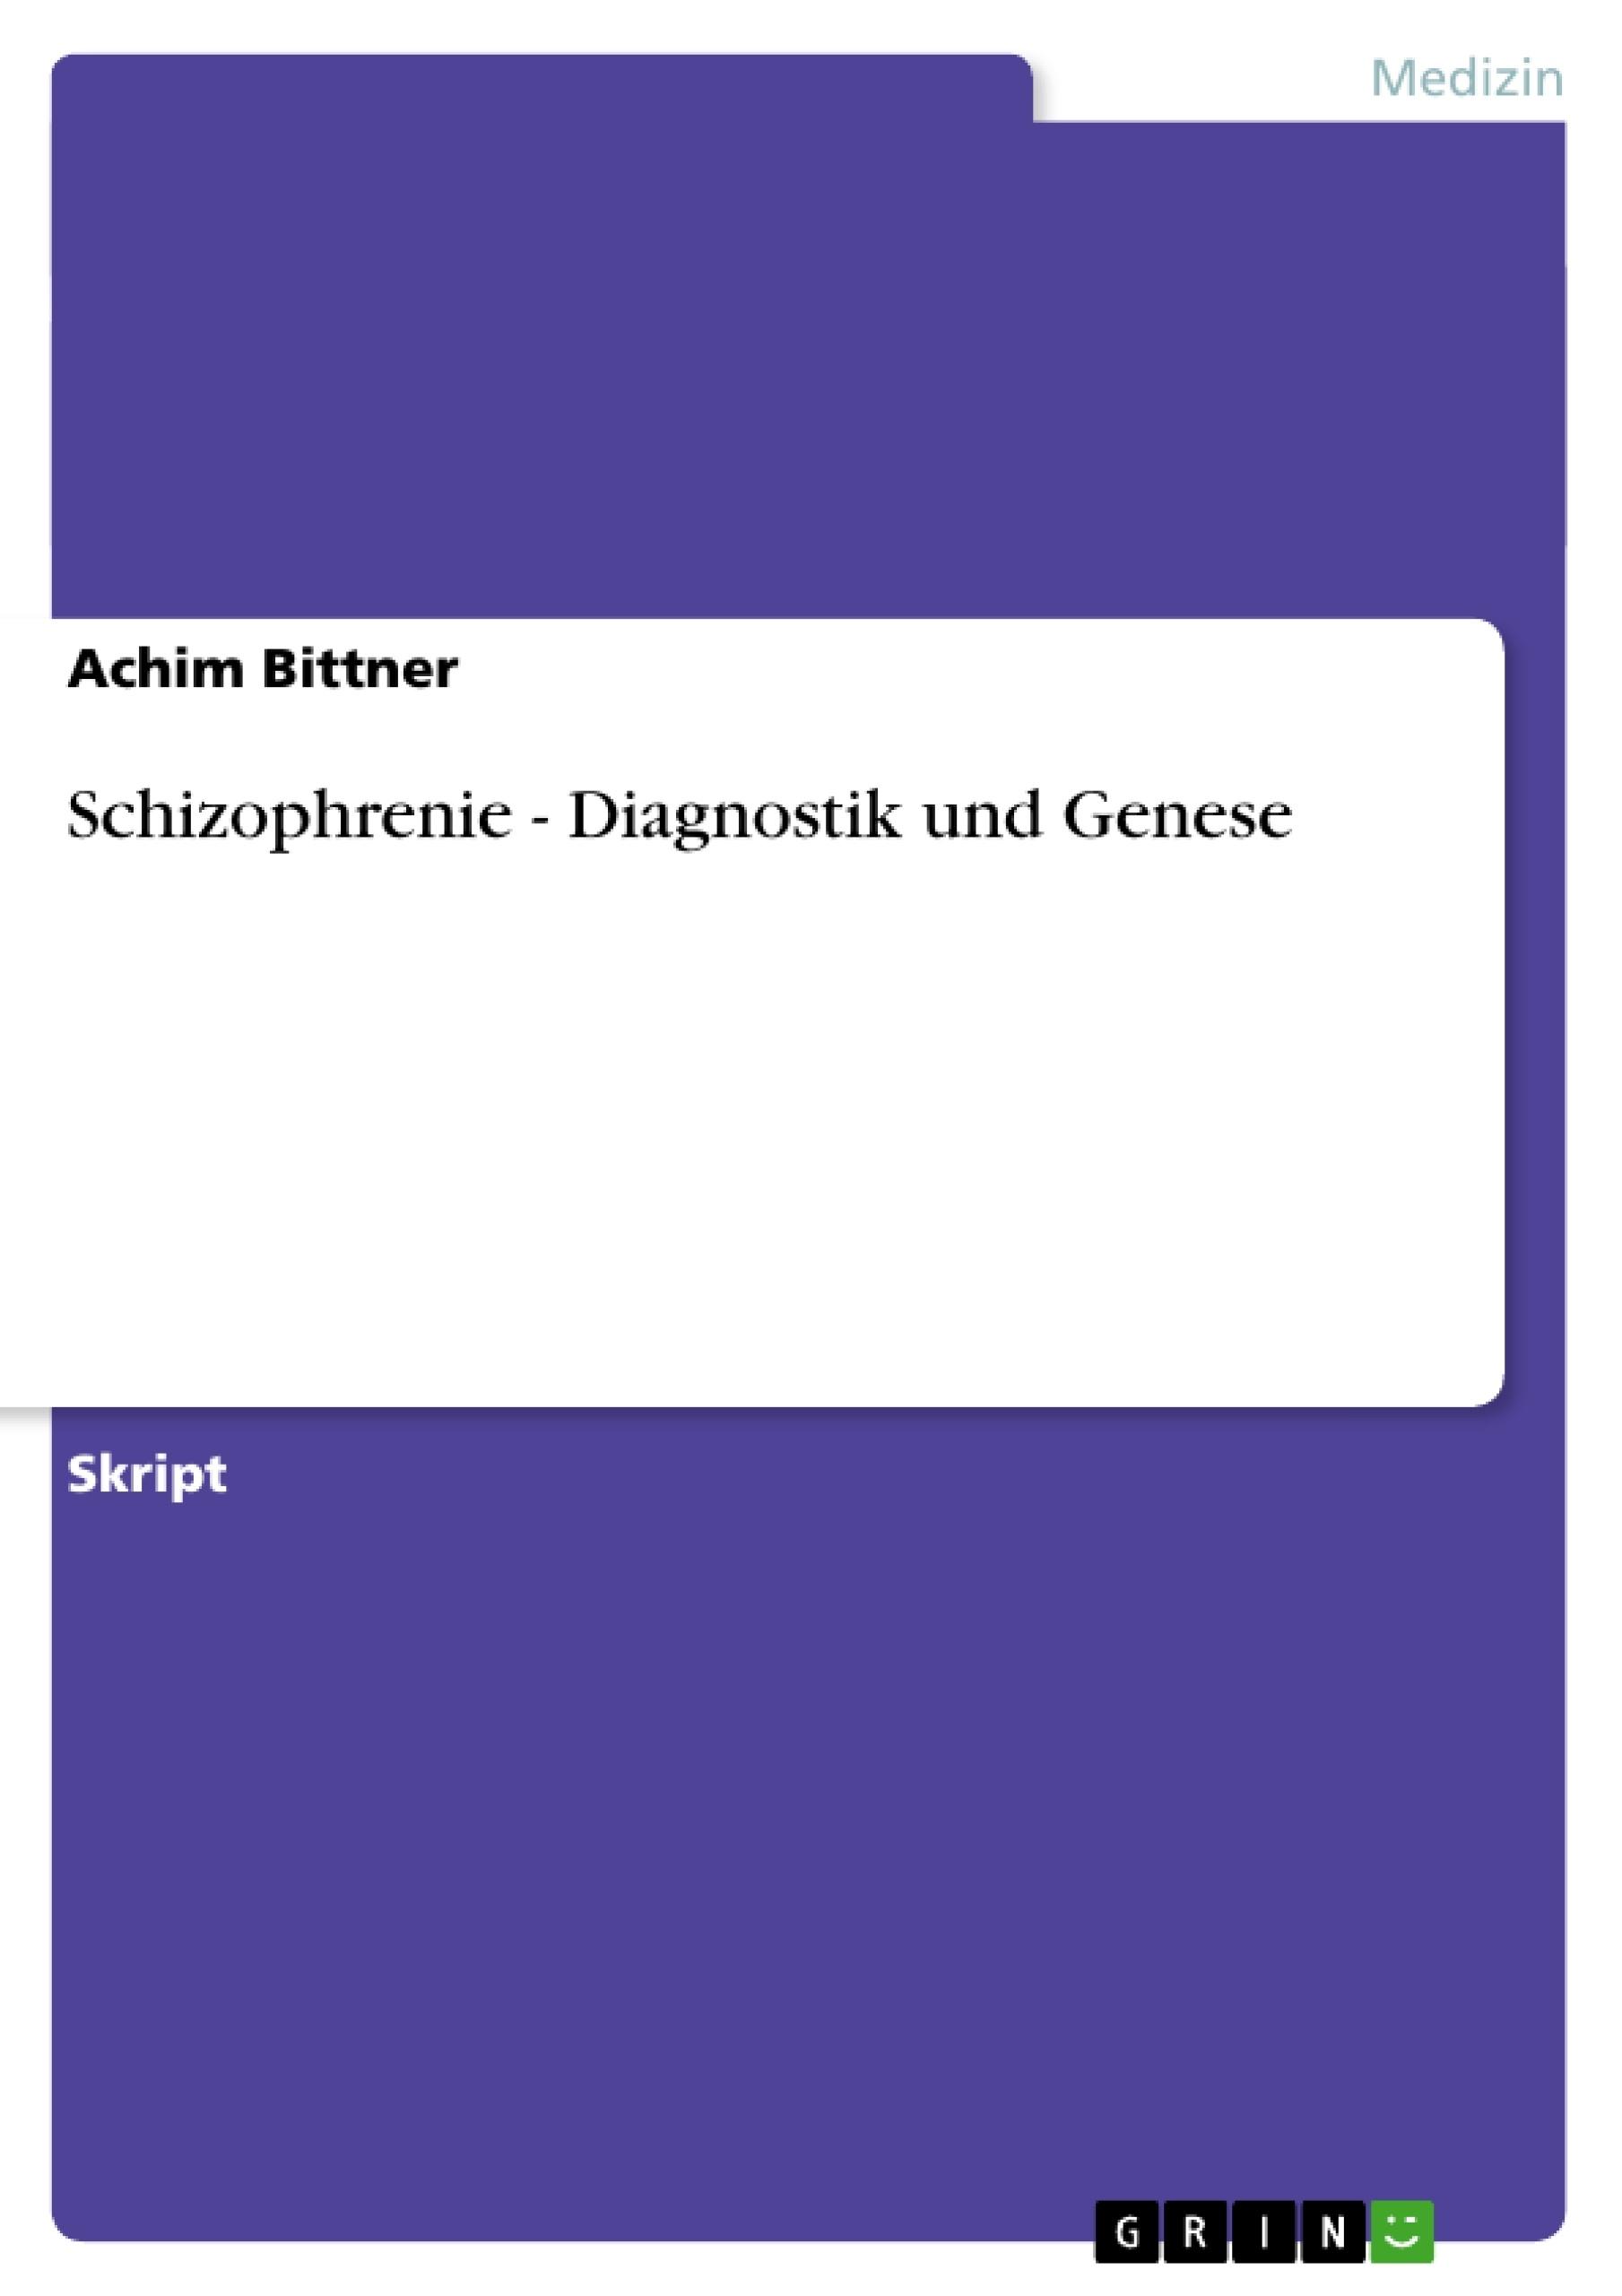 Titel: Schizophrenie - Diagnostik und Genese